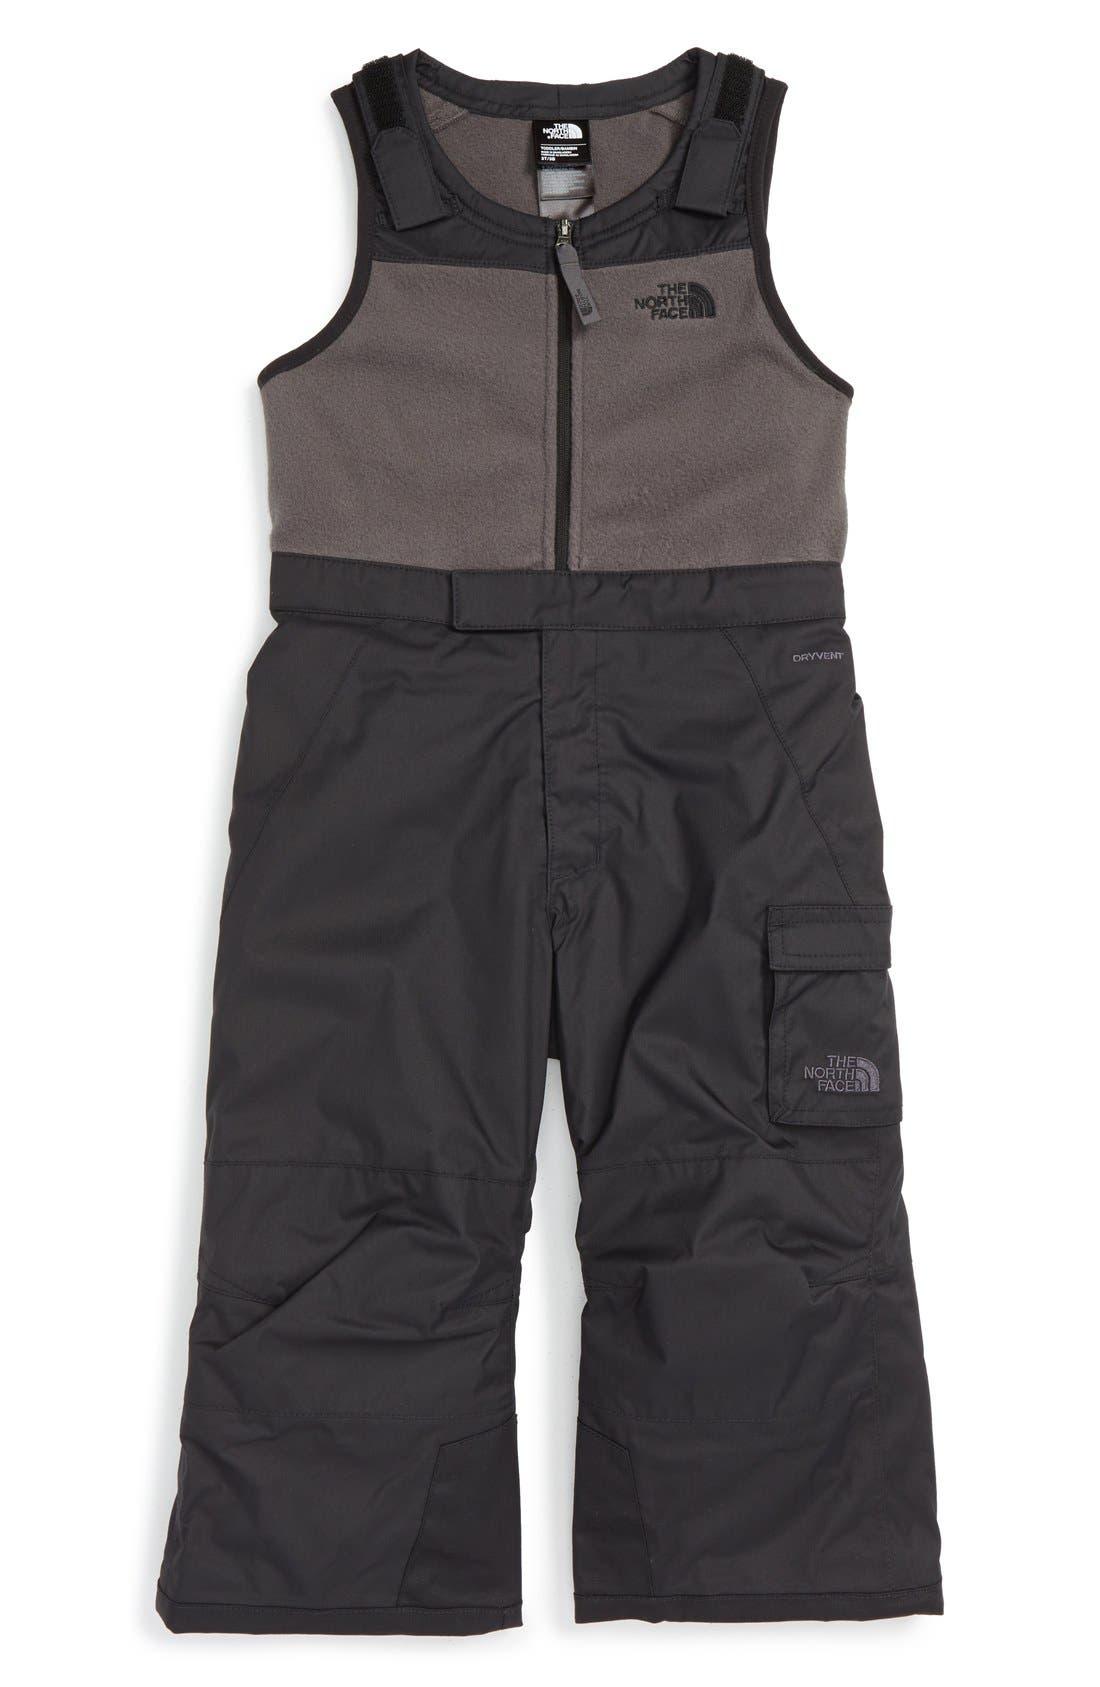 Heekseeker<sup>™</sup> Insulated Waterproof Bib Snowsuit,                         Main,                         color, Tnf Black